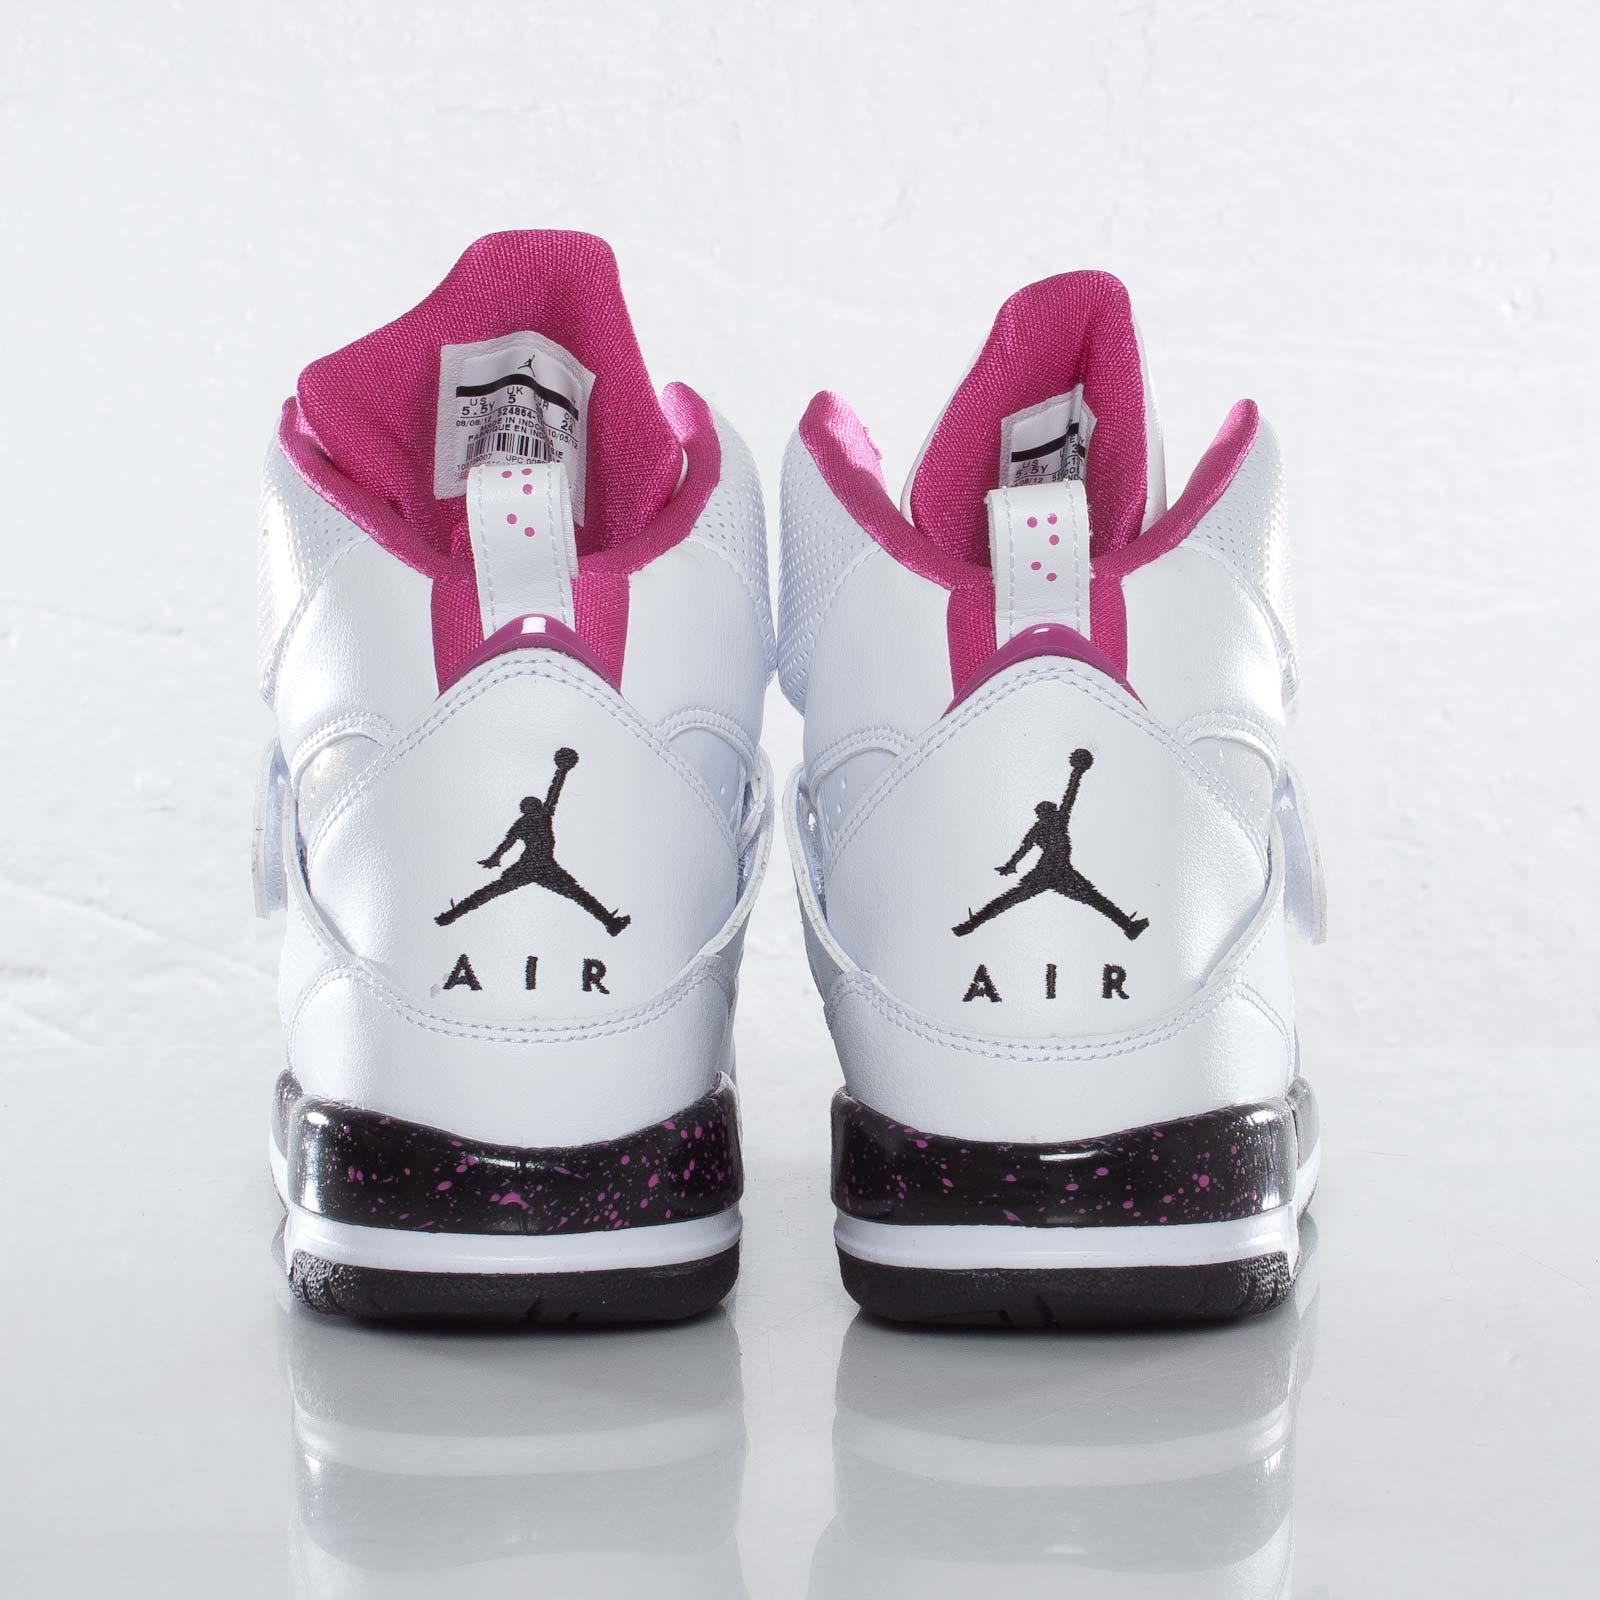 new arrivals 50c39 e43f6 Jordan Brand Girls Jordan Flight 45 High GS - 524864-128 - Sneakersnstuff    sneakers   streetwear online since 1999